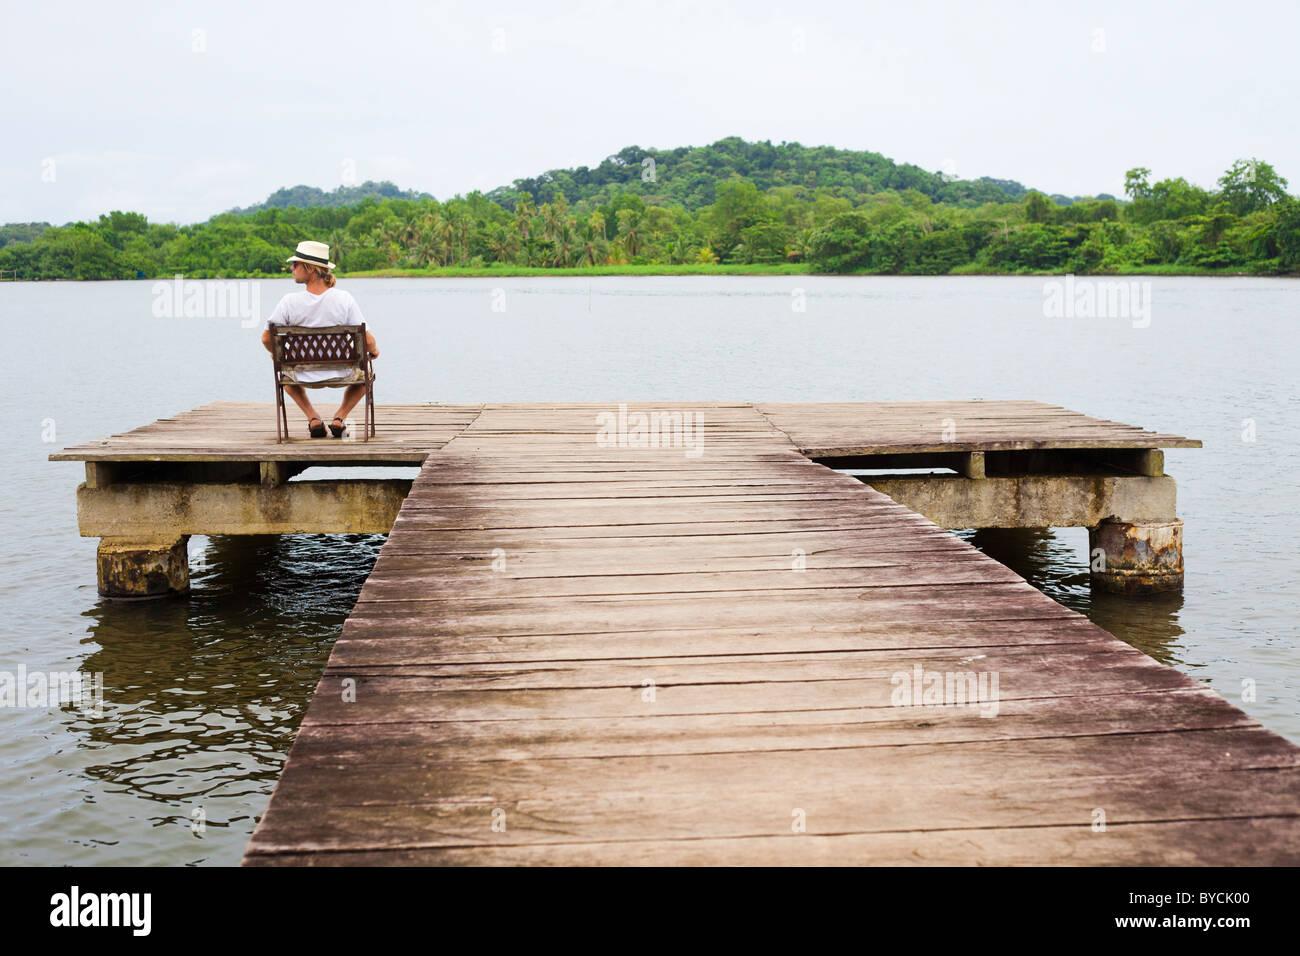 6b3201891bd80 Hombre de sombrero blanco sentado en una silla en el extremo de un muelle  en Panamá